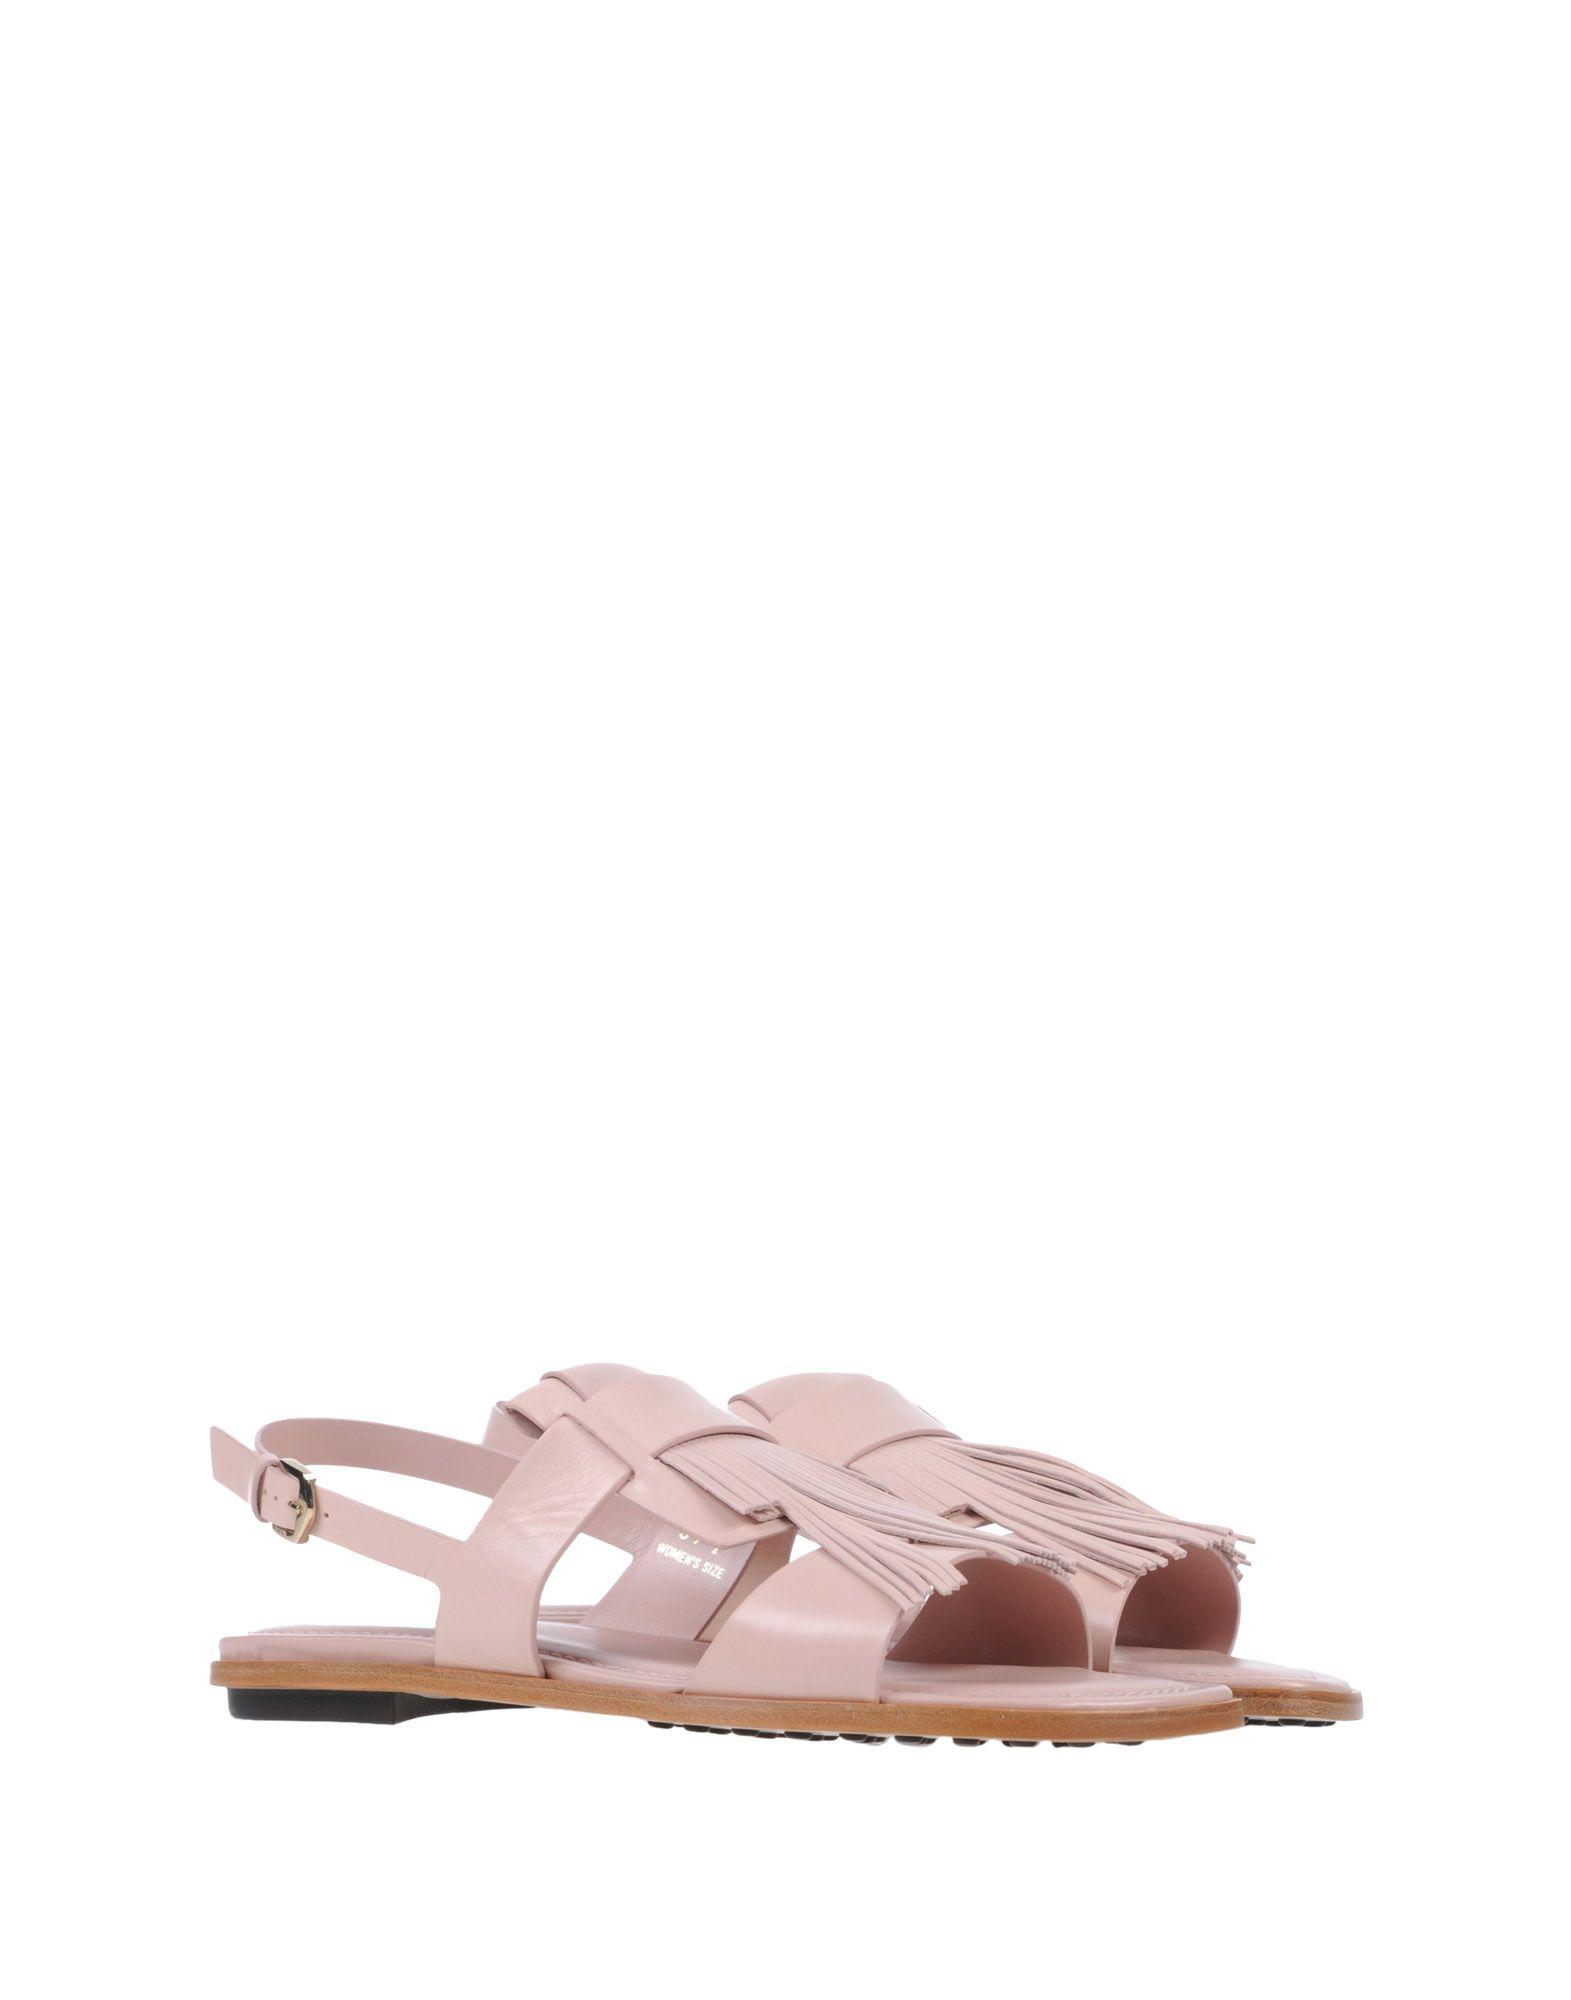 tod tod tod  s les sandales - femmes tod  s les sandales en ligne au royaume - uni - 11395971mb 05e46d